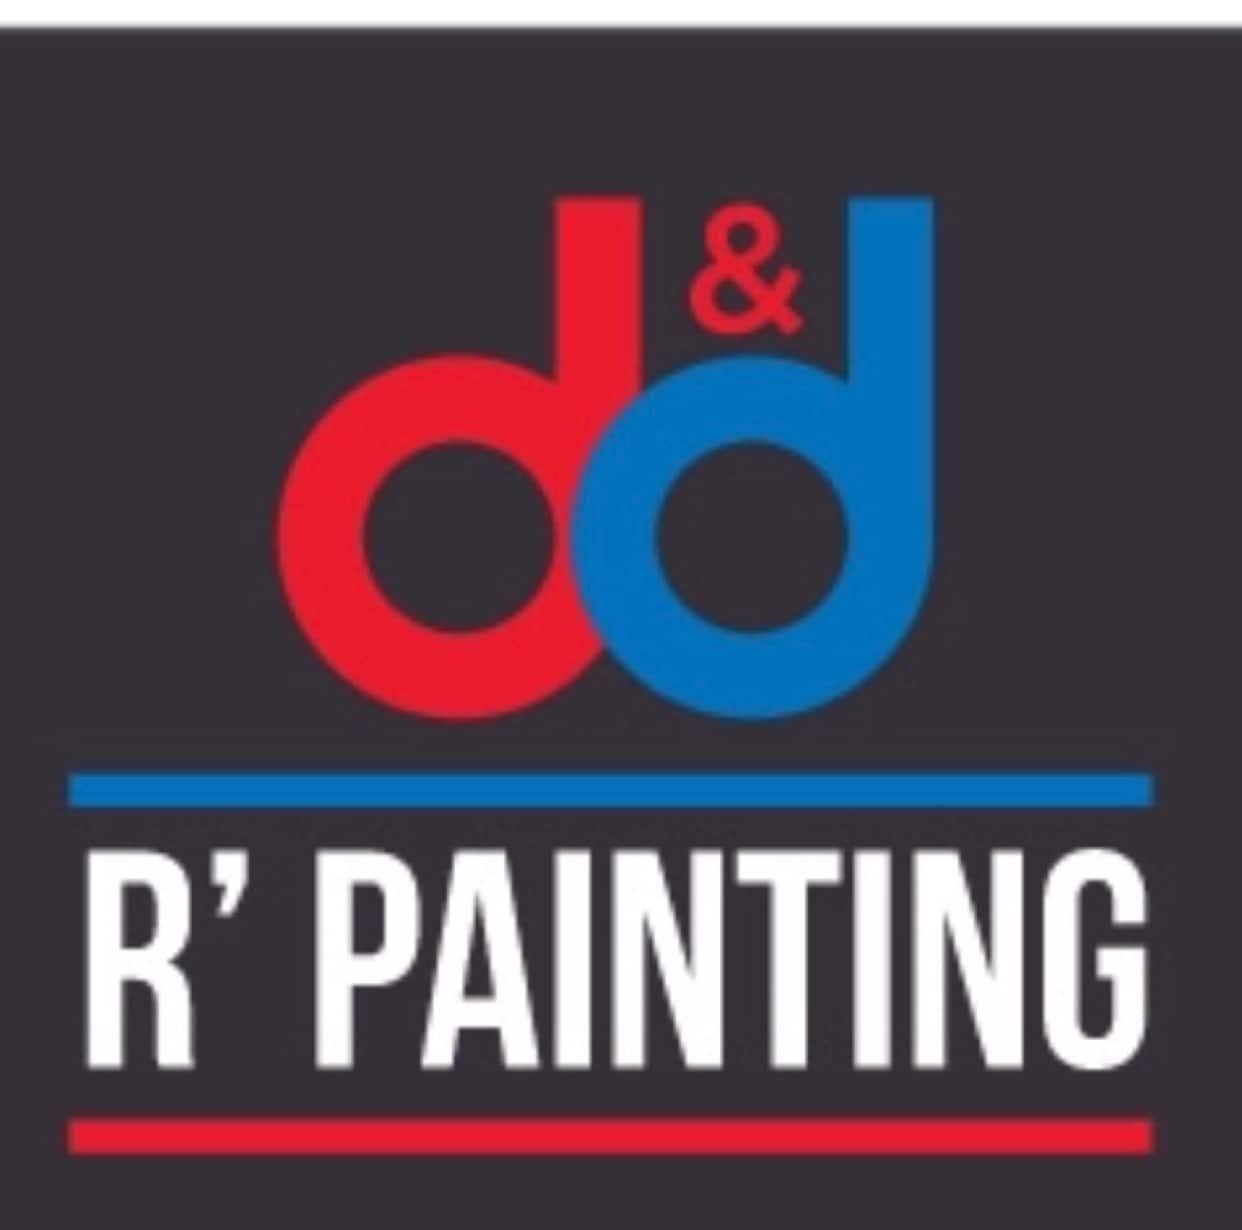 D&D R PAINTING